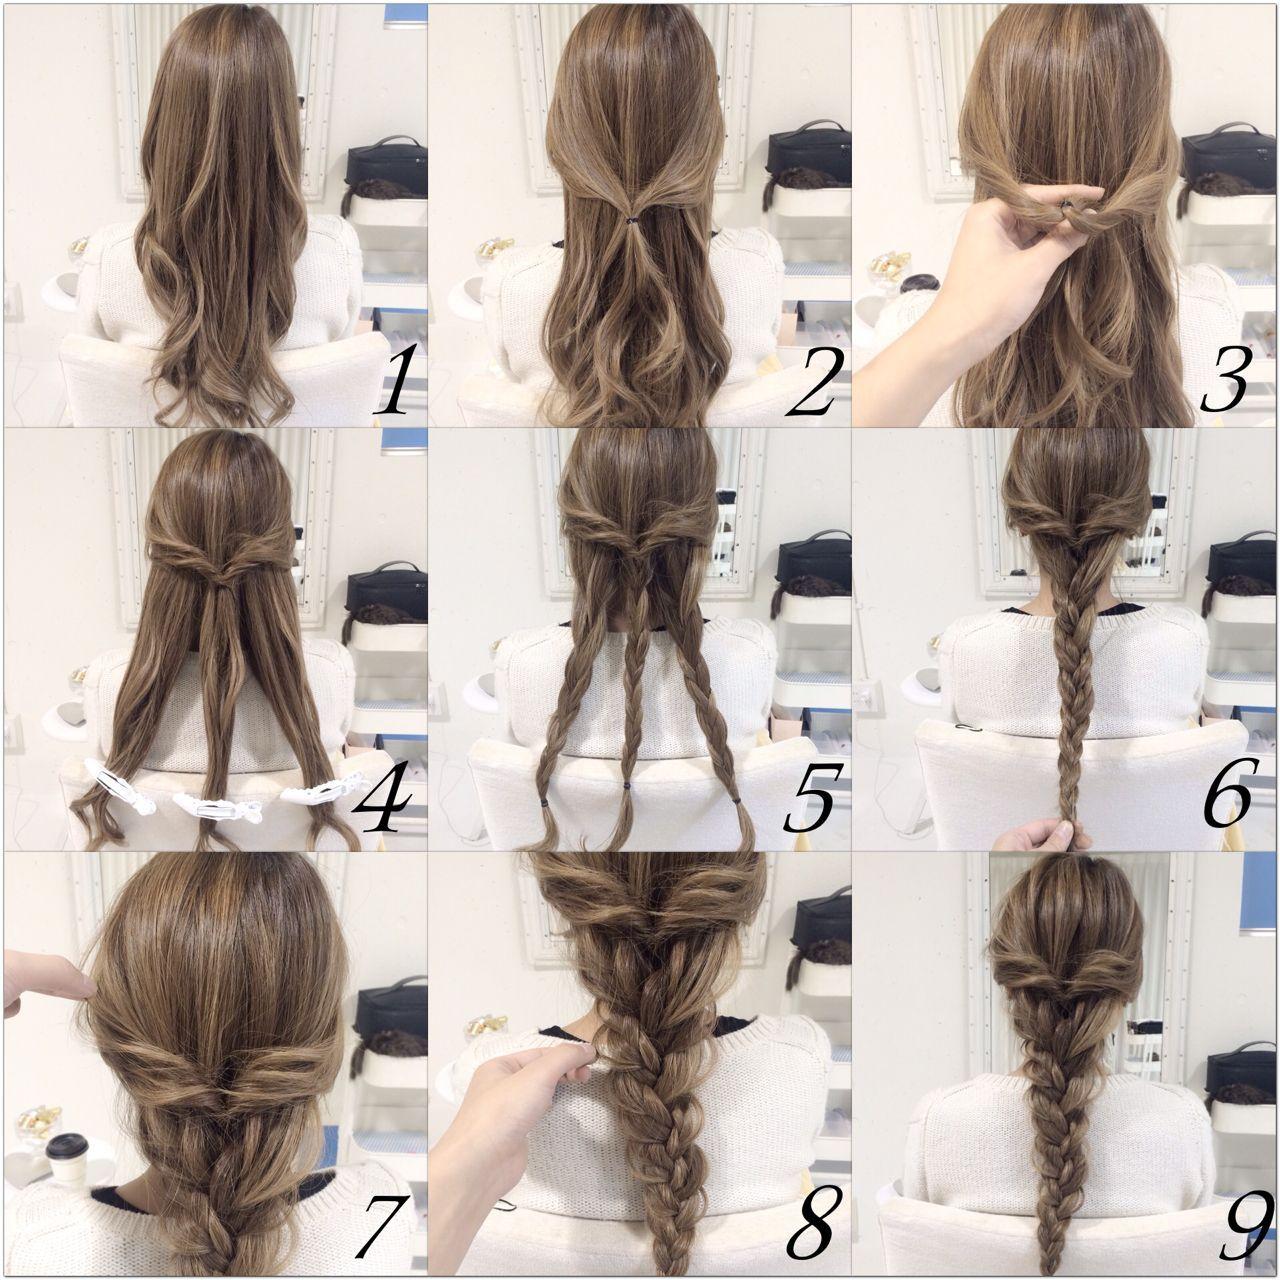 Pin by trinity samuel on yass pinterest hair arrange hair style